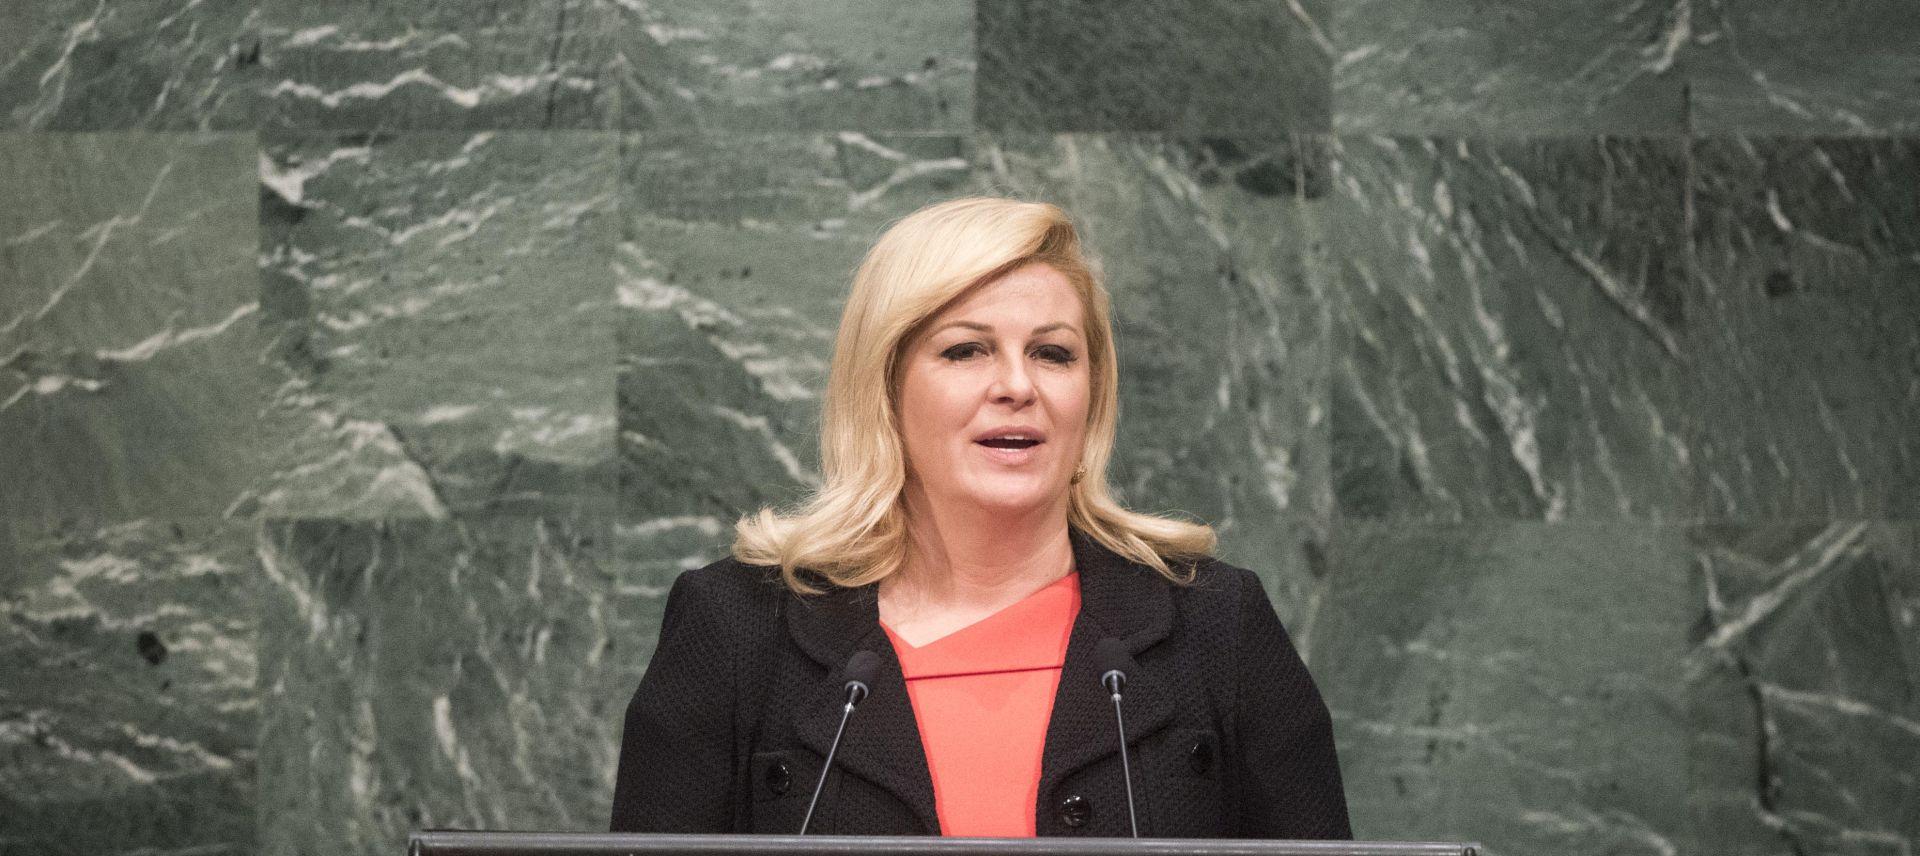 KITAROVIĆ – NIKOLIĆ U UN: Odnosi dviju zemalja trebaju krenuti uzlaznom putanjom